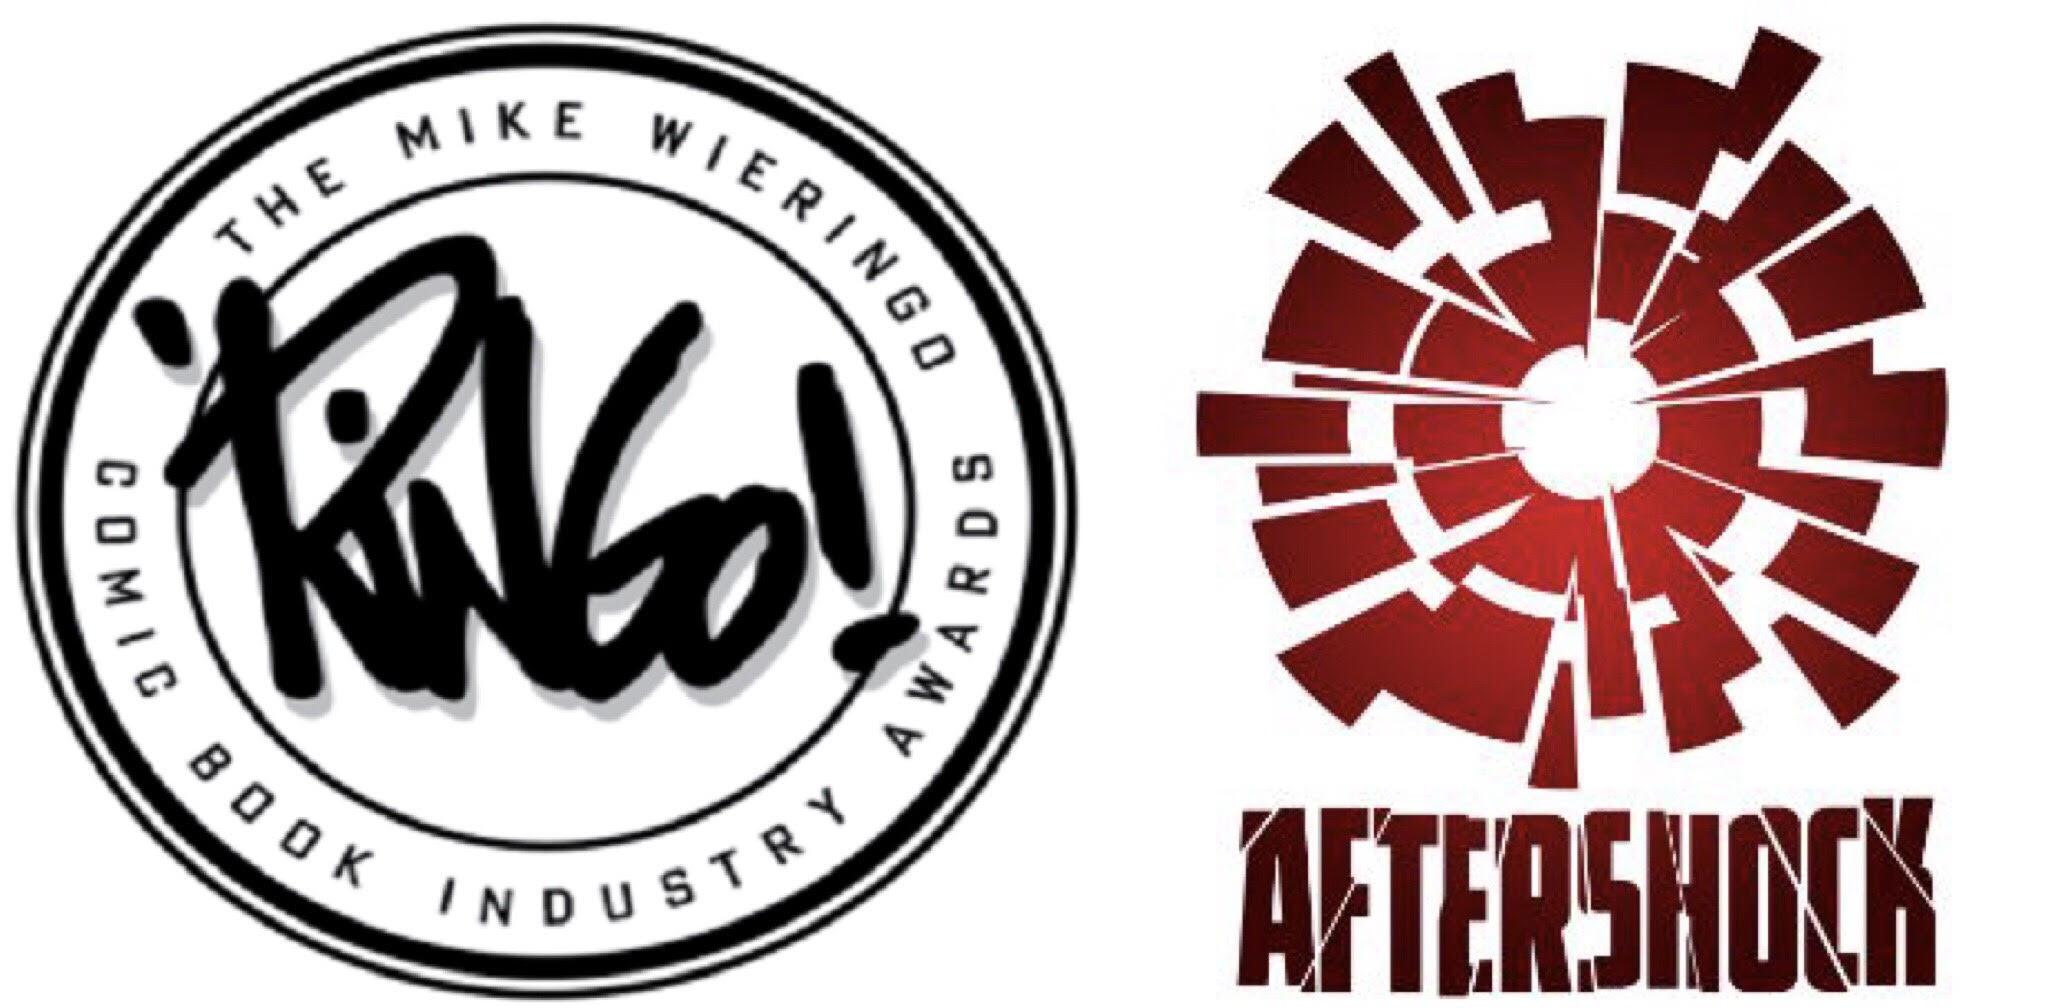 AfterShock Logos